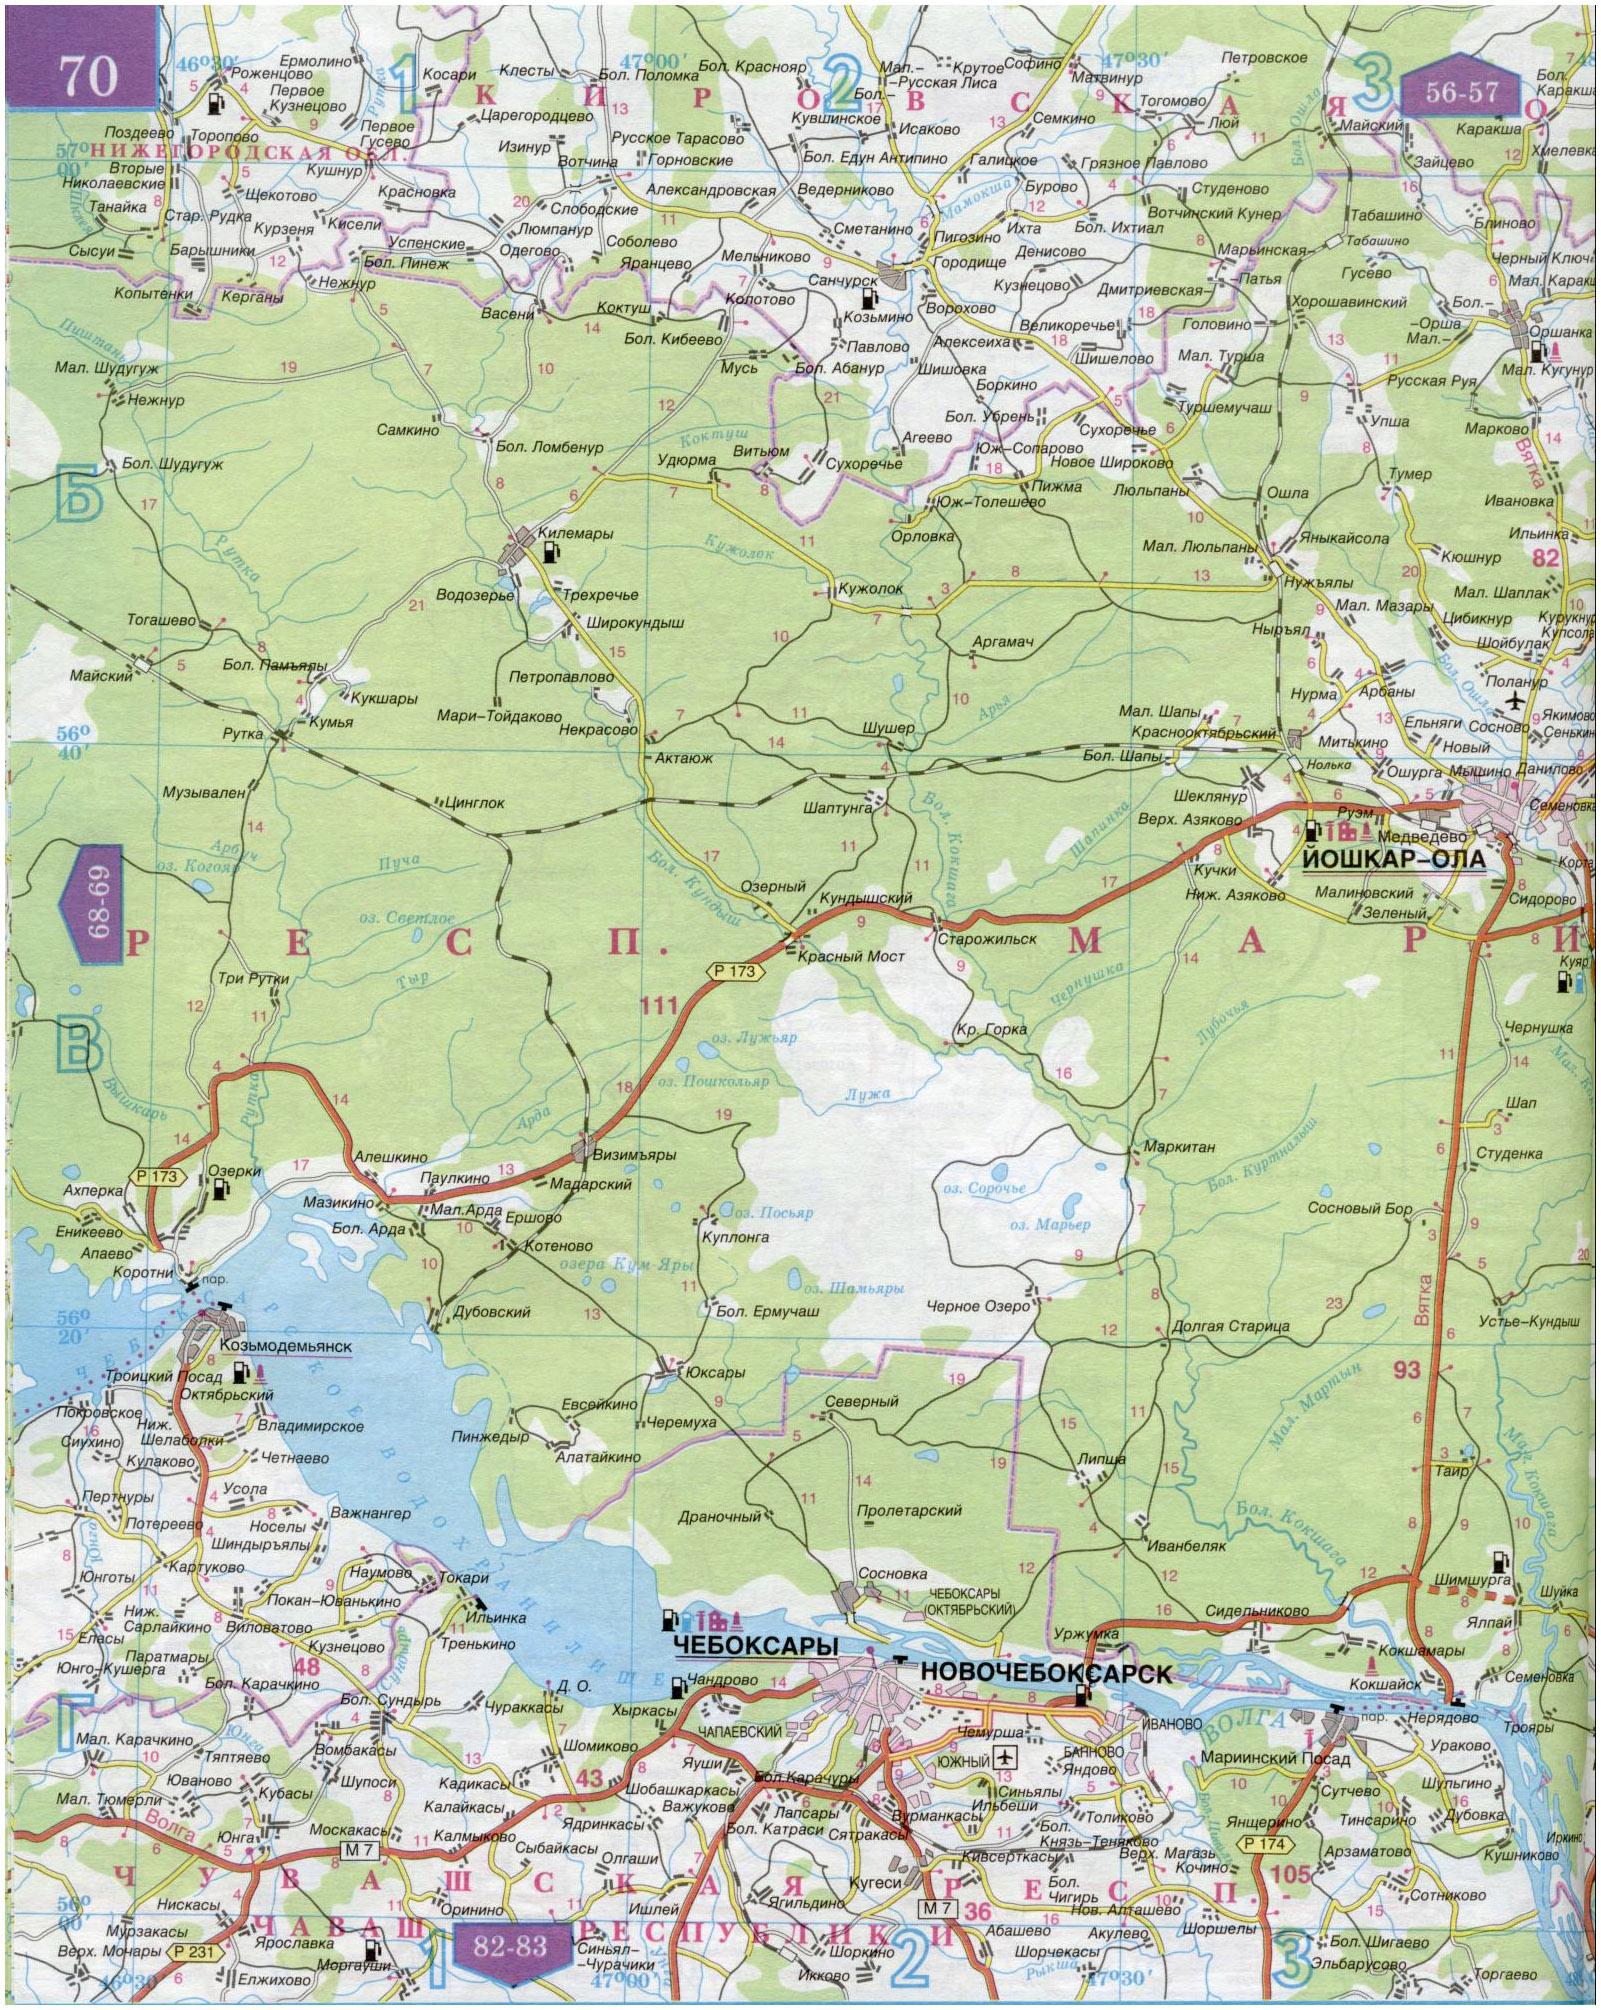 Карта республики марий эл 1см = 5км. карта автомобильных дор.